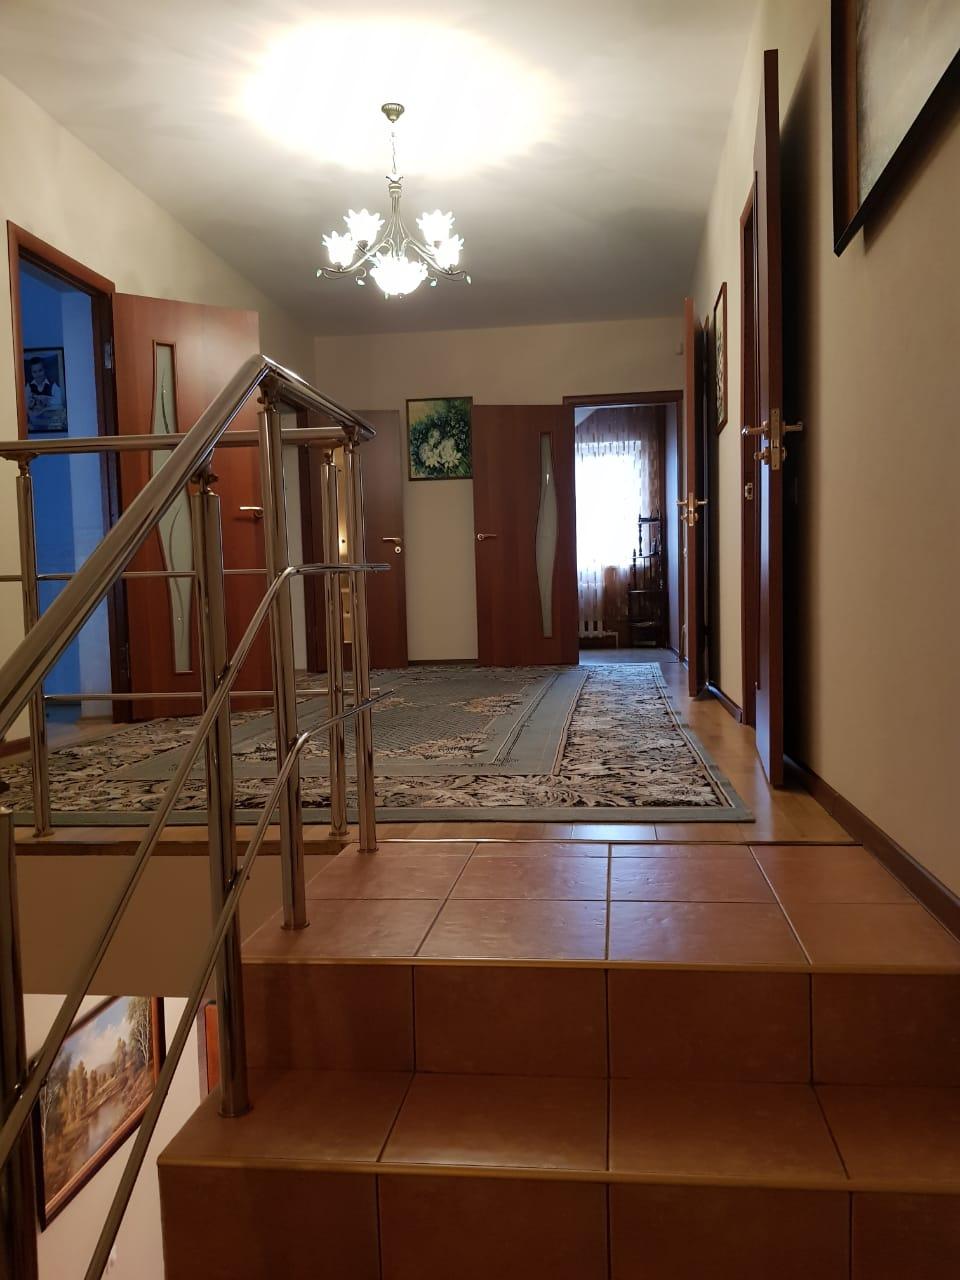 Дом на продажу по адресу Россия, Московская обл, деревня Северово, Каштановая улица